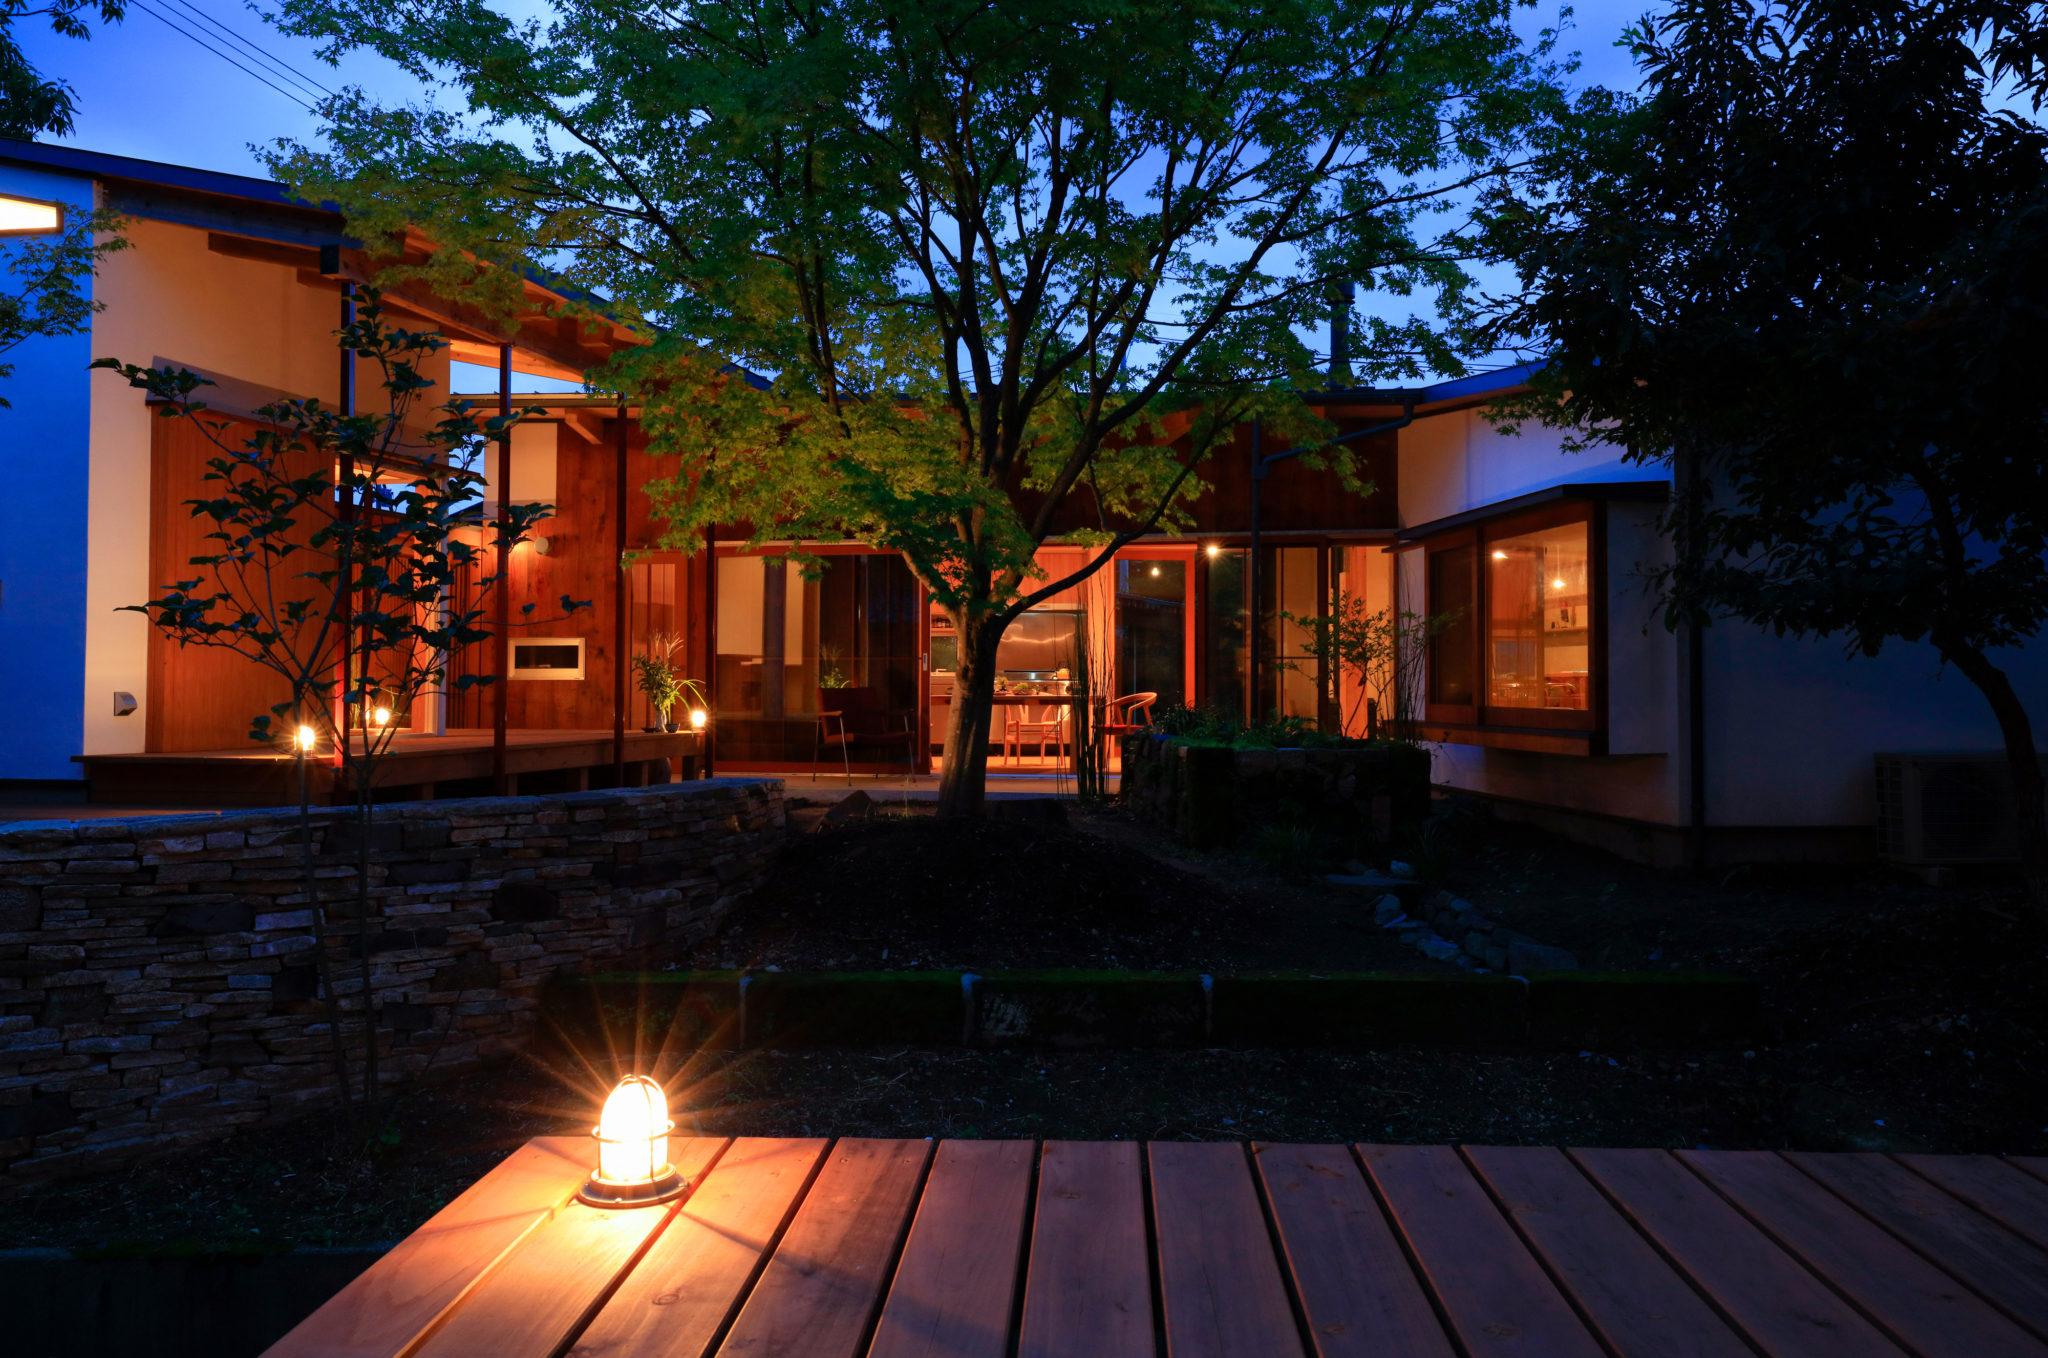 ぷらん・にじゅういち趙海光設計現代町家の離れ。夜の風景